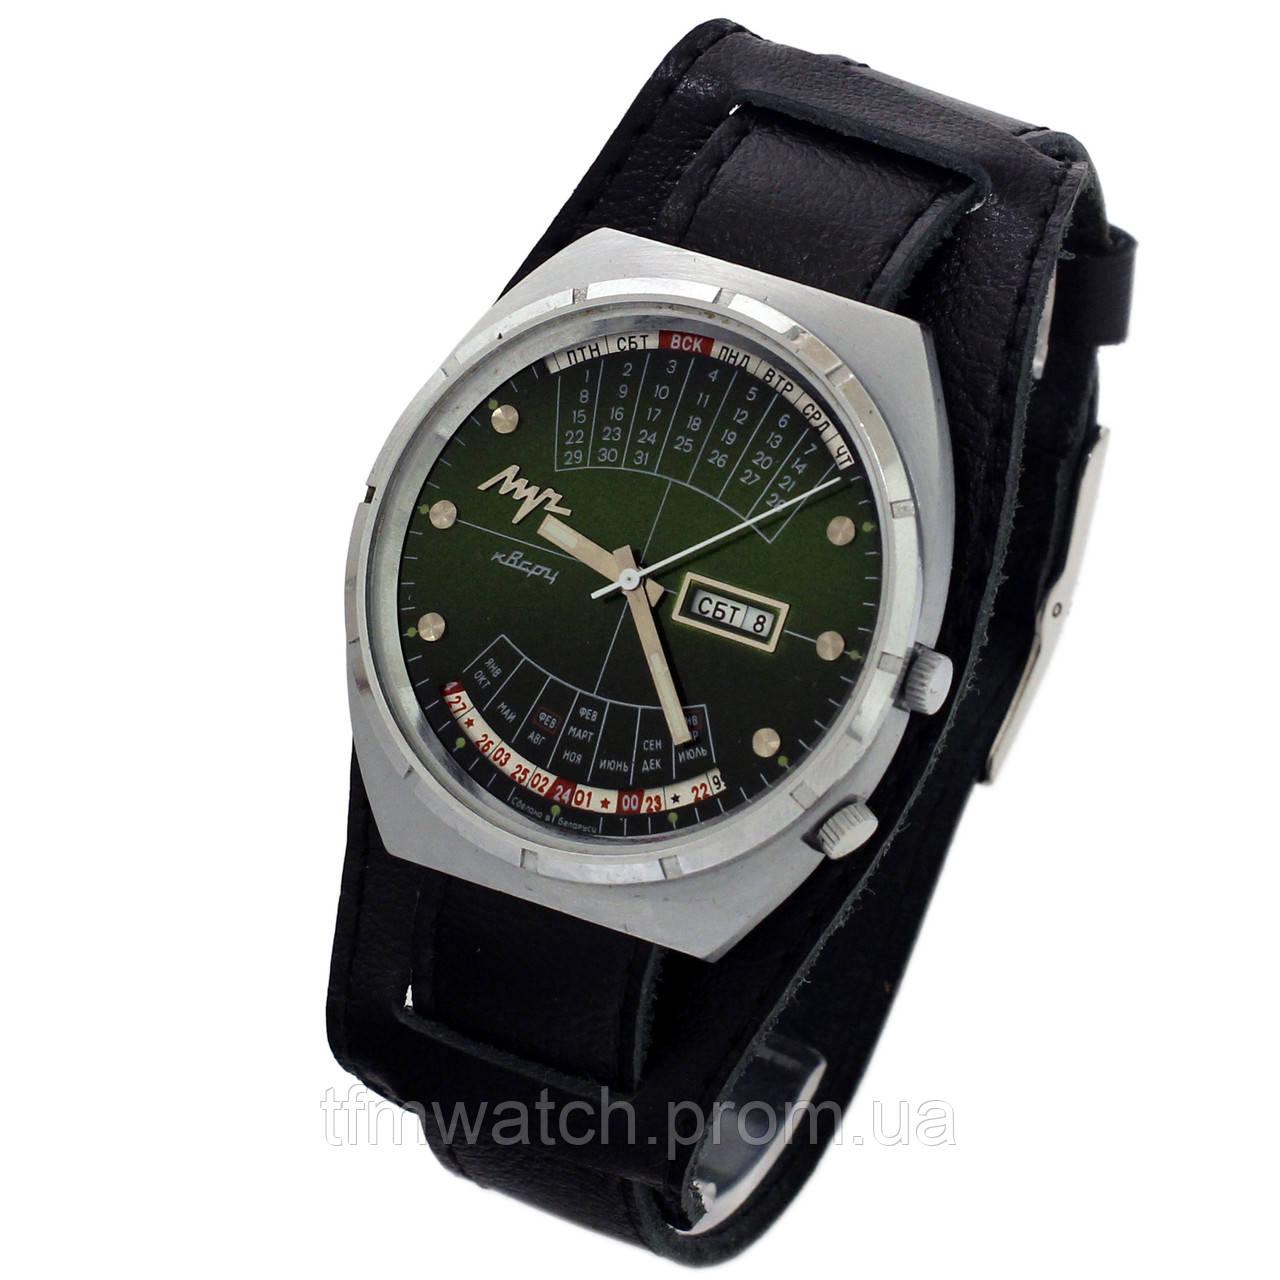 Кварцевые часы производство россия купить купить часы на шелковом ремешке